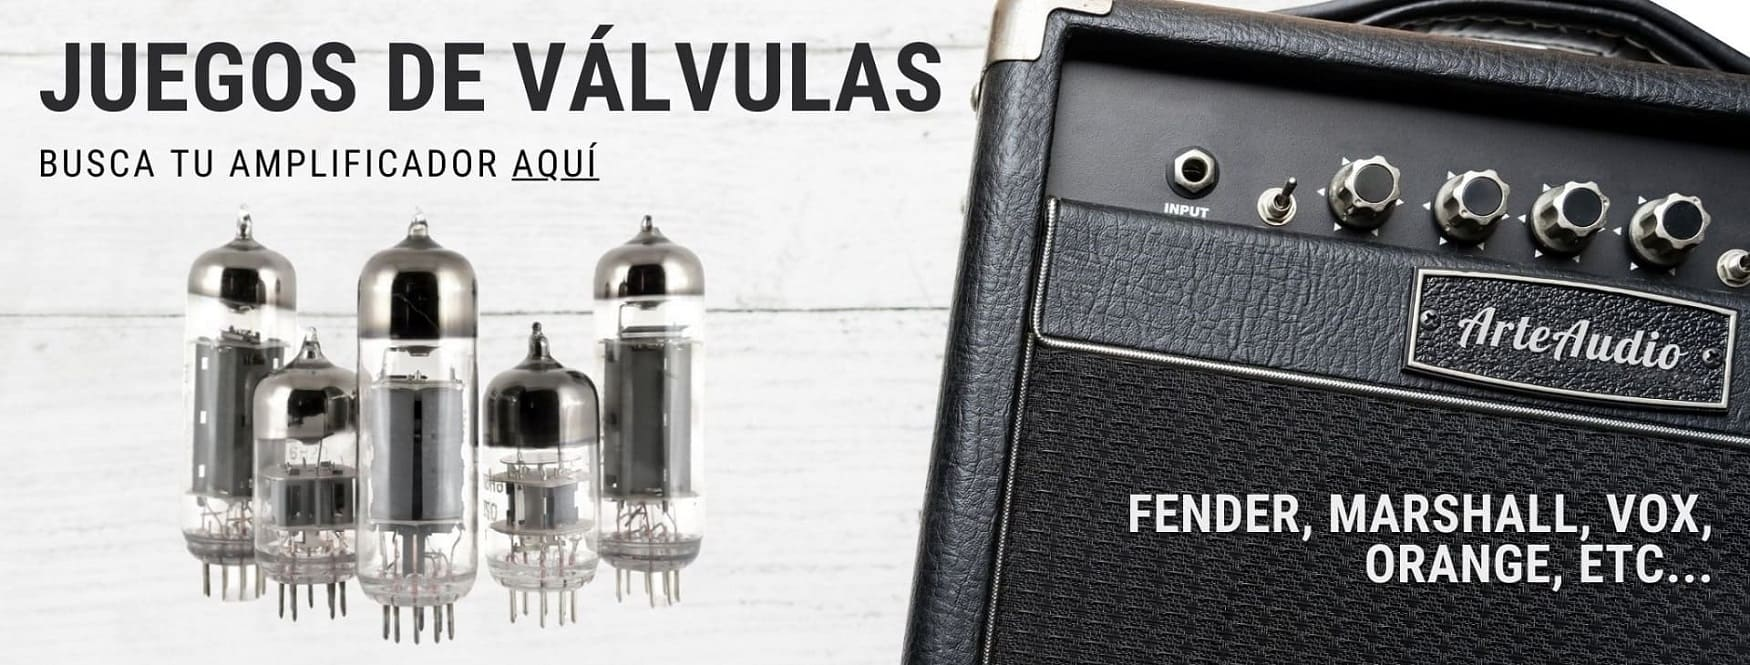 Kits y juegos de válvulas para amplificadores de guitarra